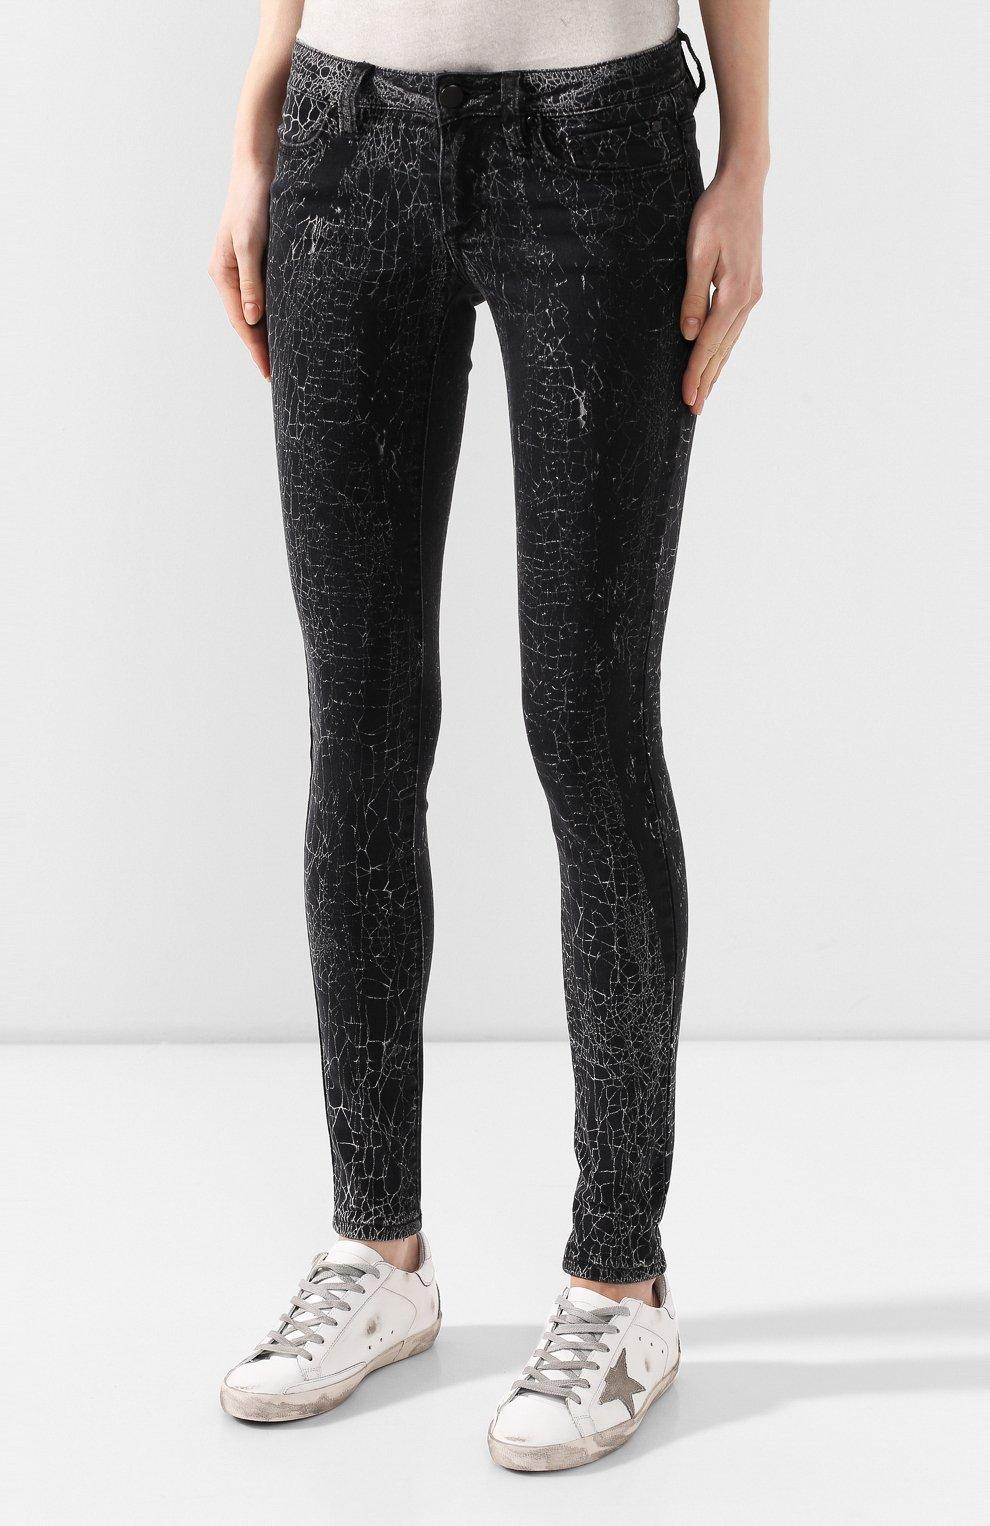 Женские джинсы black label HARLEY-DAVIDSON черного цвета, арт. 96373-16VW   Фото 3